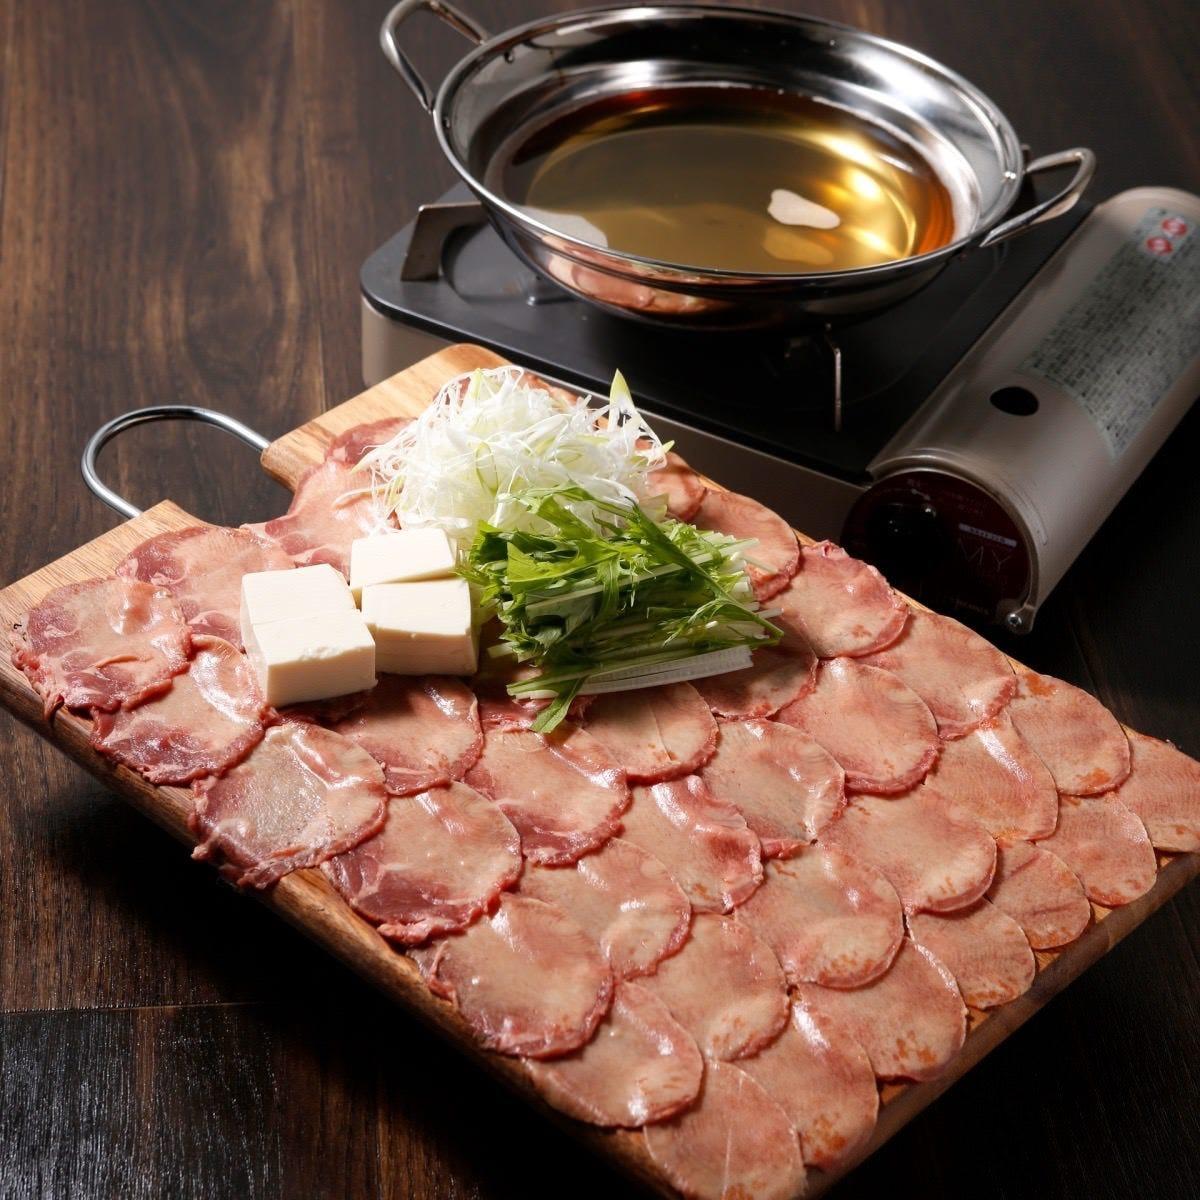 ◆スペシャル食べ放題2H3480円◆全50種グランドMENU+牛タン・豚・牛しゃぶ♪ぜ~んぶ食べ放題